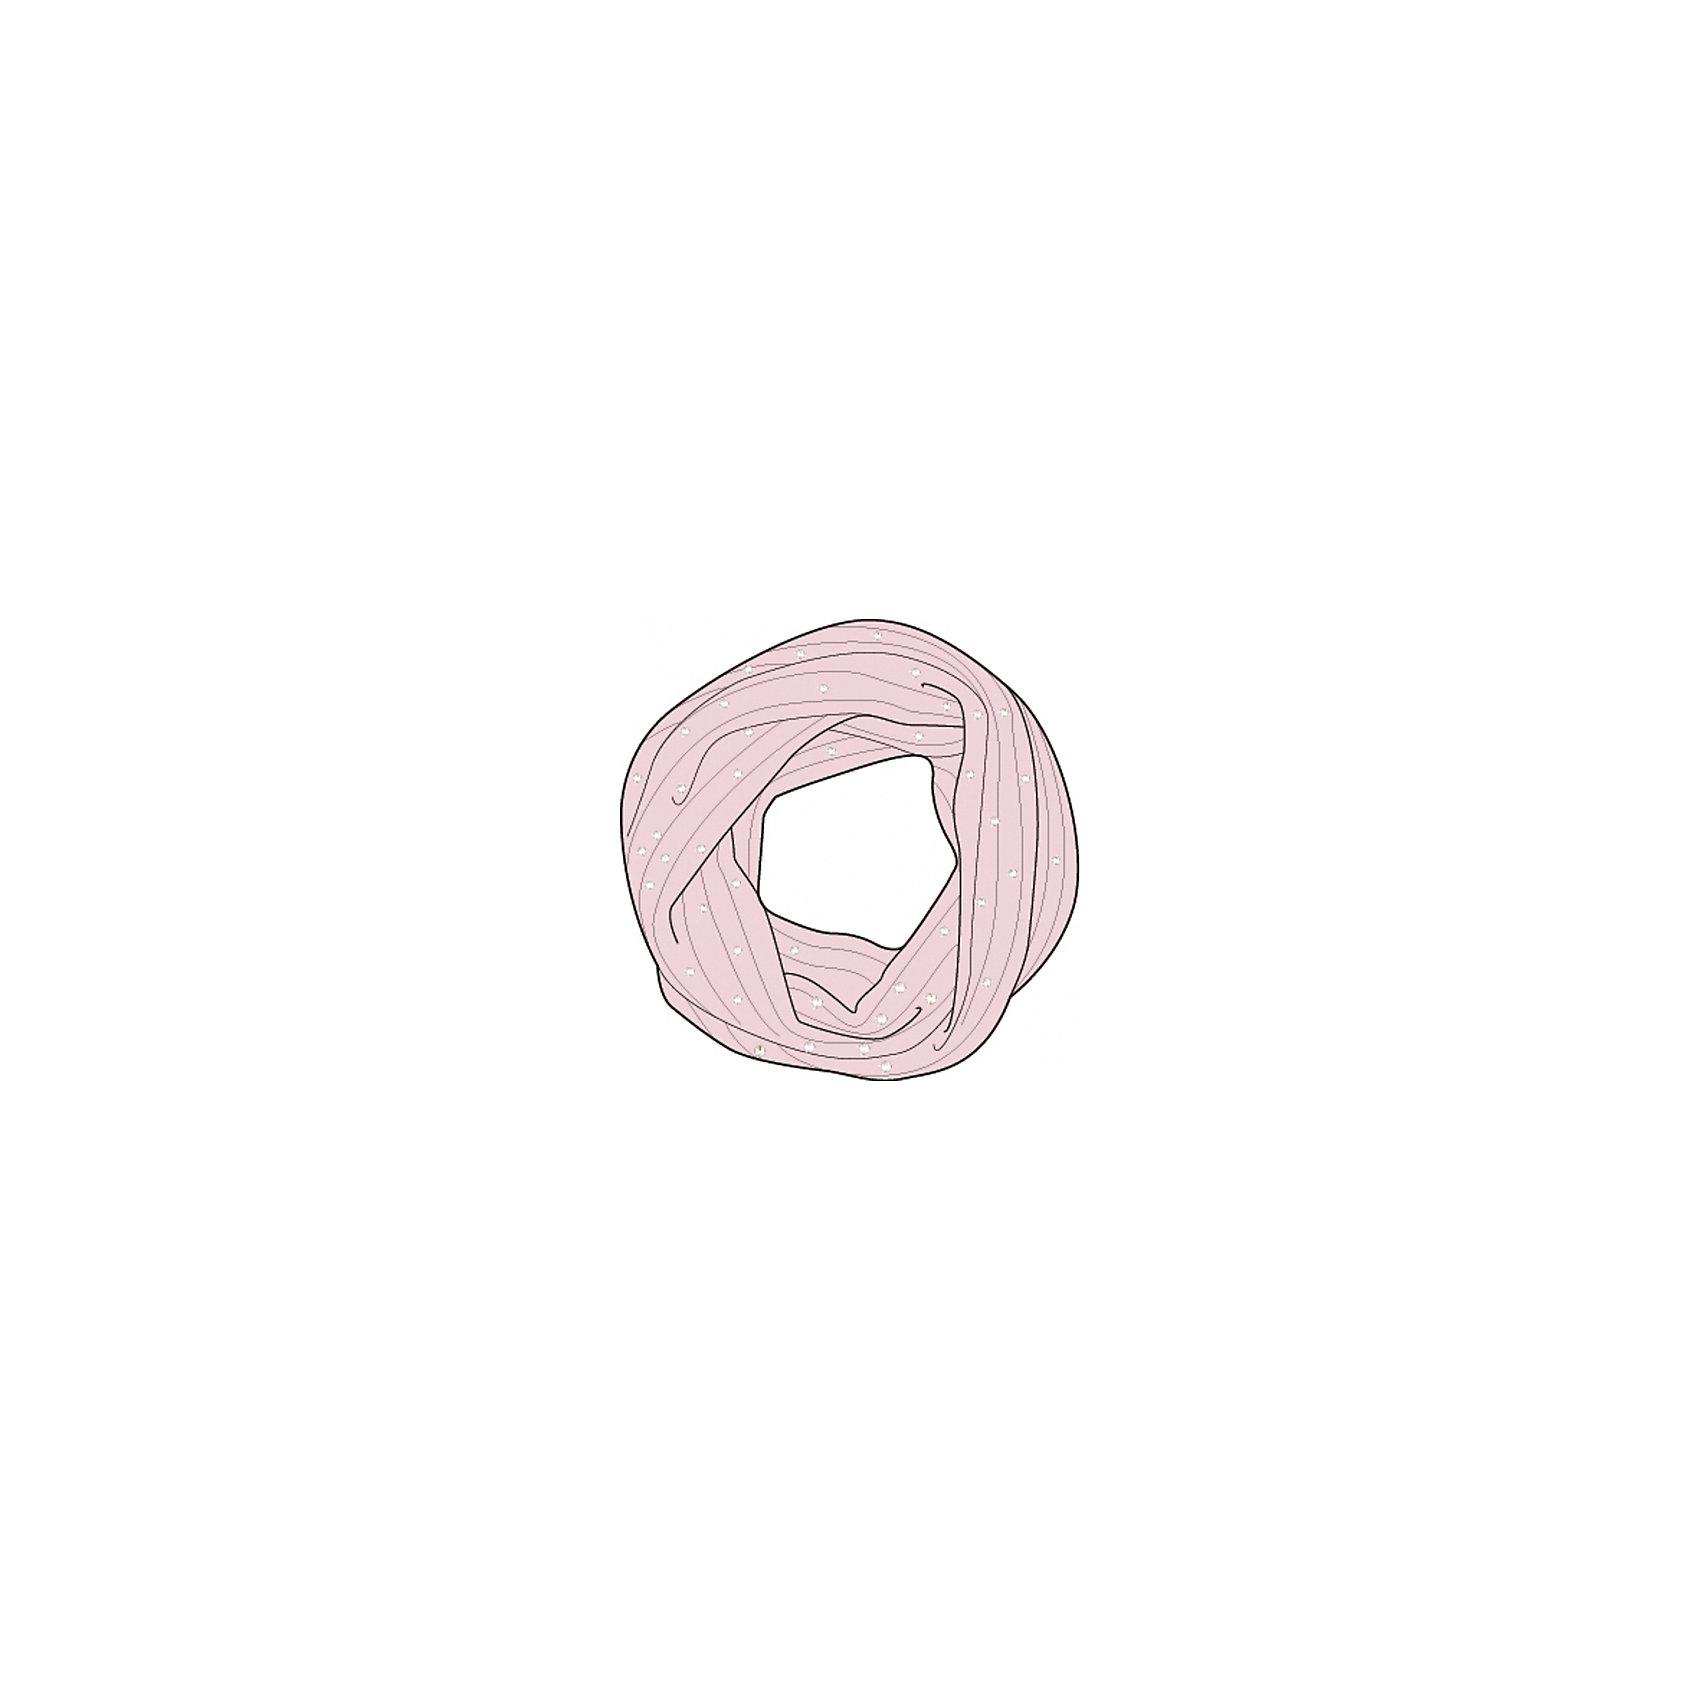 Шарф для девочки ScoolШарфы, платки<br>Шарф для девочки Scool – уютная и теплая вещь для зимних прогулок.<br>Теплый вязаный шарф розового цвета отлично сочетается с любым пальто. Украшен он пайетками с серебристым отливом. <br><br>Дополнительная информация:<br><br>- материал: 100% акрил<br>- цвет: розовый<br><br>Шарф для девочки Scool можно купить в нашем интернет магазине.<br><br>Ширина мм: 88<br>Глубина мм: 155<br>Высота мм: 26<br>Вес г: 106<br>Цвет: розовый<br>Возраст от месяцев: 108<br>Возраст до месяцев: 168<br>Пол: Женский<br>Возраст: Детский<br>Размер: one size<br>SKU: 4911937